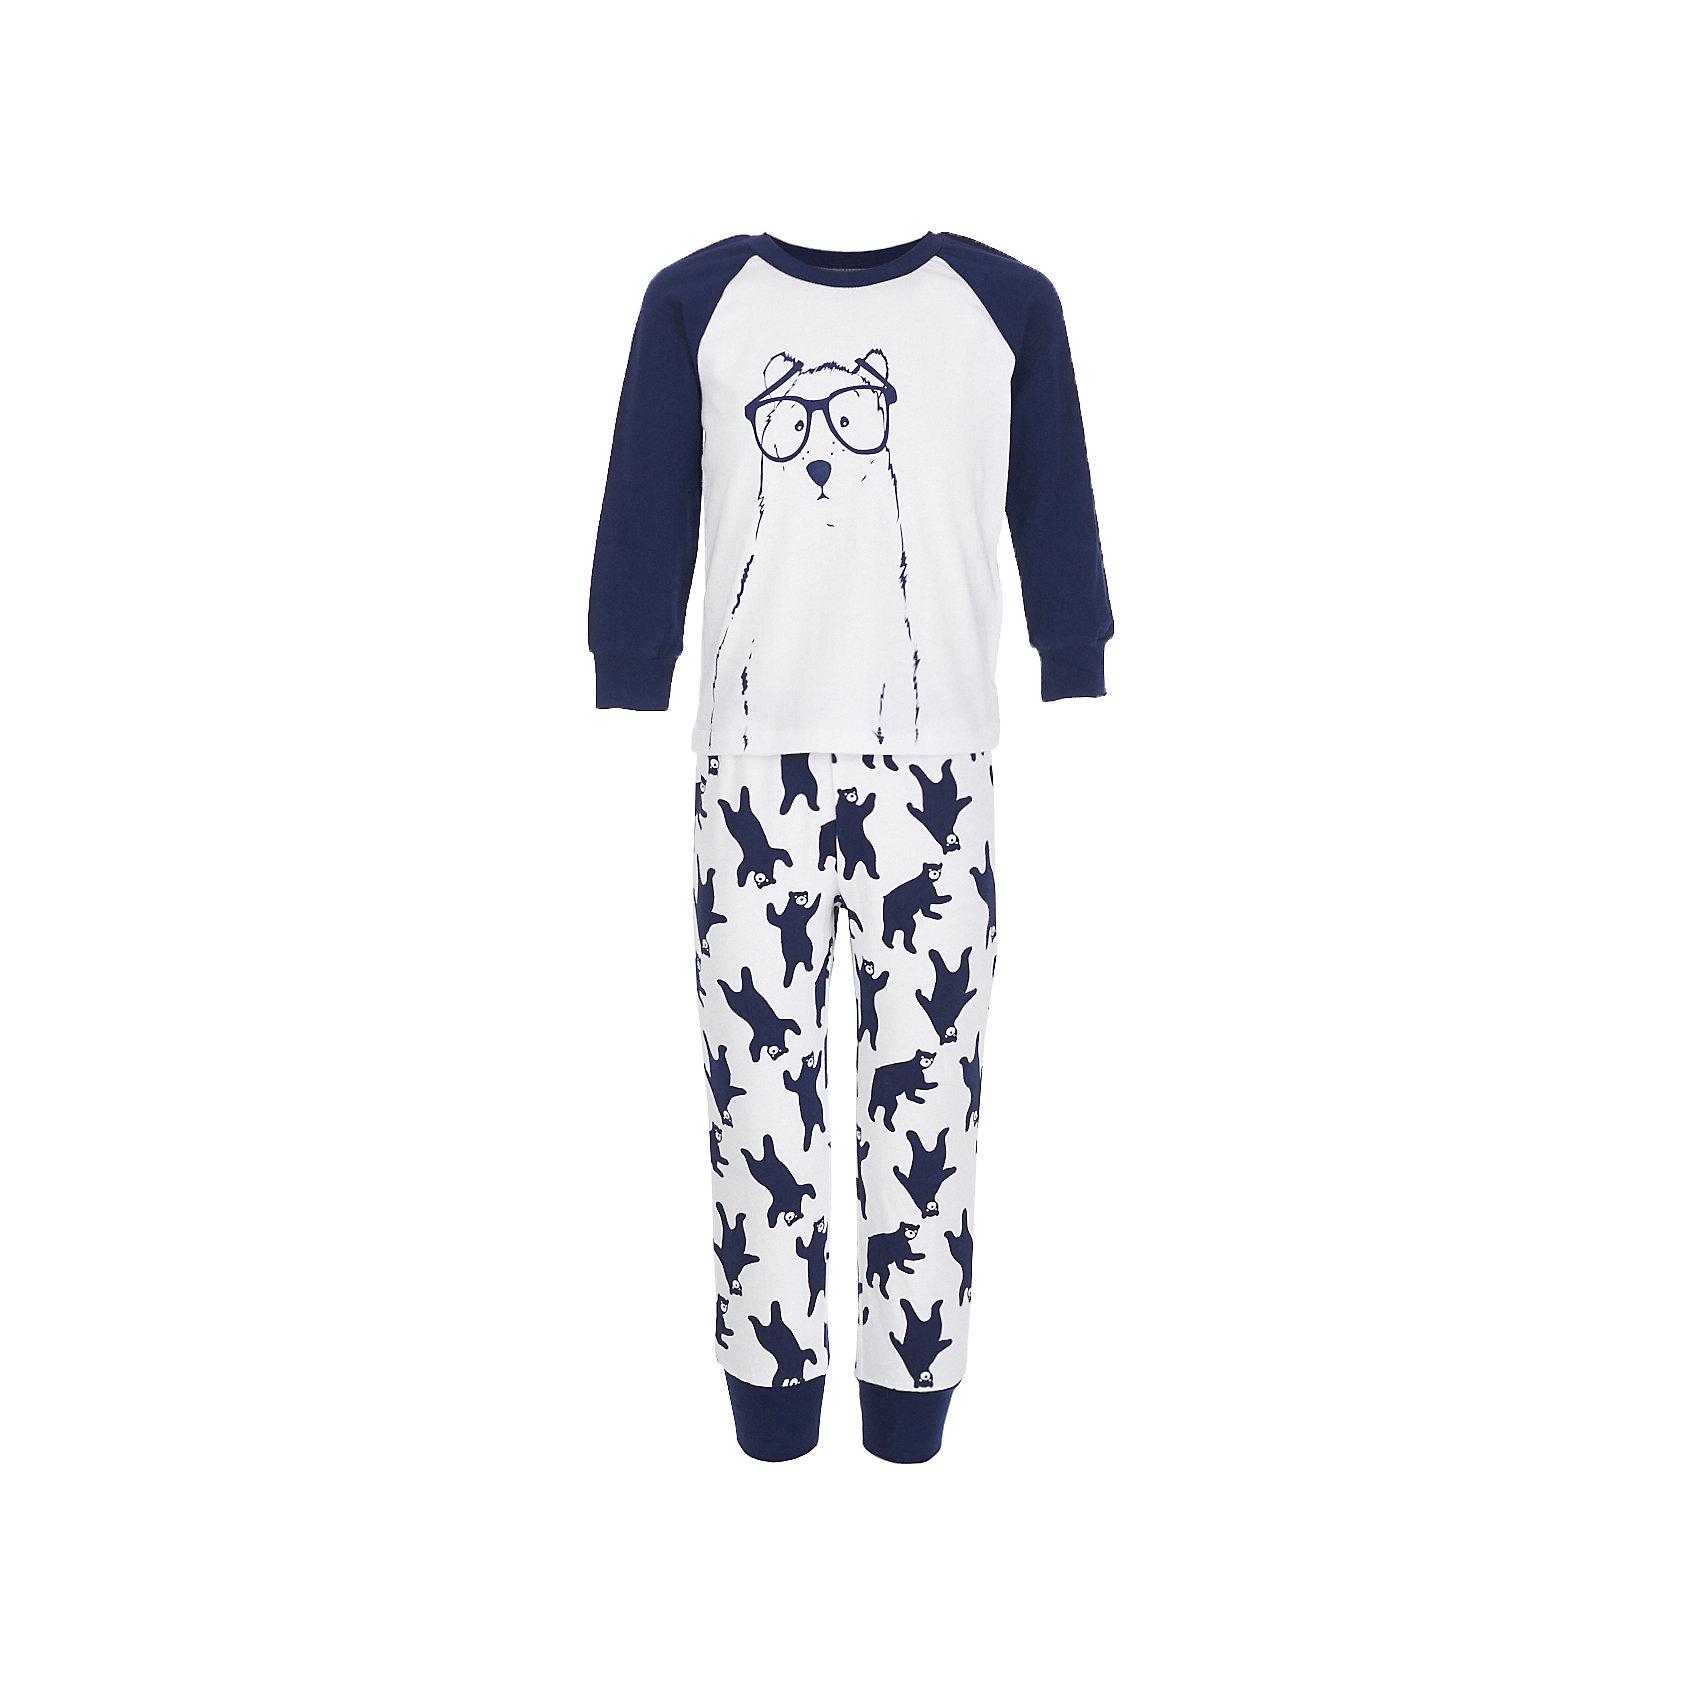 Пижама BUTTON BLUE для мальчикаПижамы и сорочки<br>Пижама BUTTON BLUE для мальчика<br>Уютная пижама с длинным рукавом - прекрасный комплект для комфортного сна. Если вы хотите сформировать бельевой гардероб ребенка из качественных, удобных, приятных к телу вещей, вам стоит купить пижаму от Button Blue. Все трикотажные пижамы для мальчиков украшает интересный принт.<br>Состав:<br>95% хлопок           5% эластан<br><br>Ширина мм: 281<br>Глубина мм: 70<br>Высота мм: 188<br>Вес г: 295<br>Цвет: белый<br>Возраст от месяцев: 60<br>Возраст до месяцев: 72<br>Пол: Мужской<br>Возраст: Детский<br>Размер: 116,152,98,104,128,140<br>SKU: 7039391